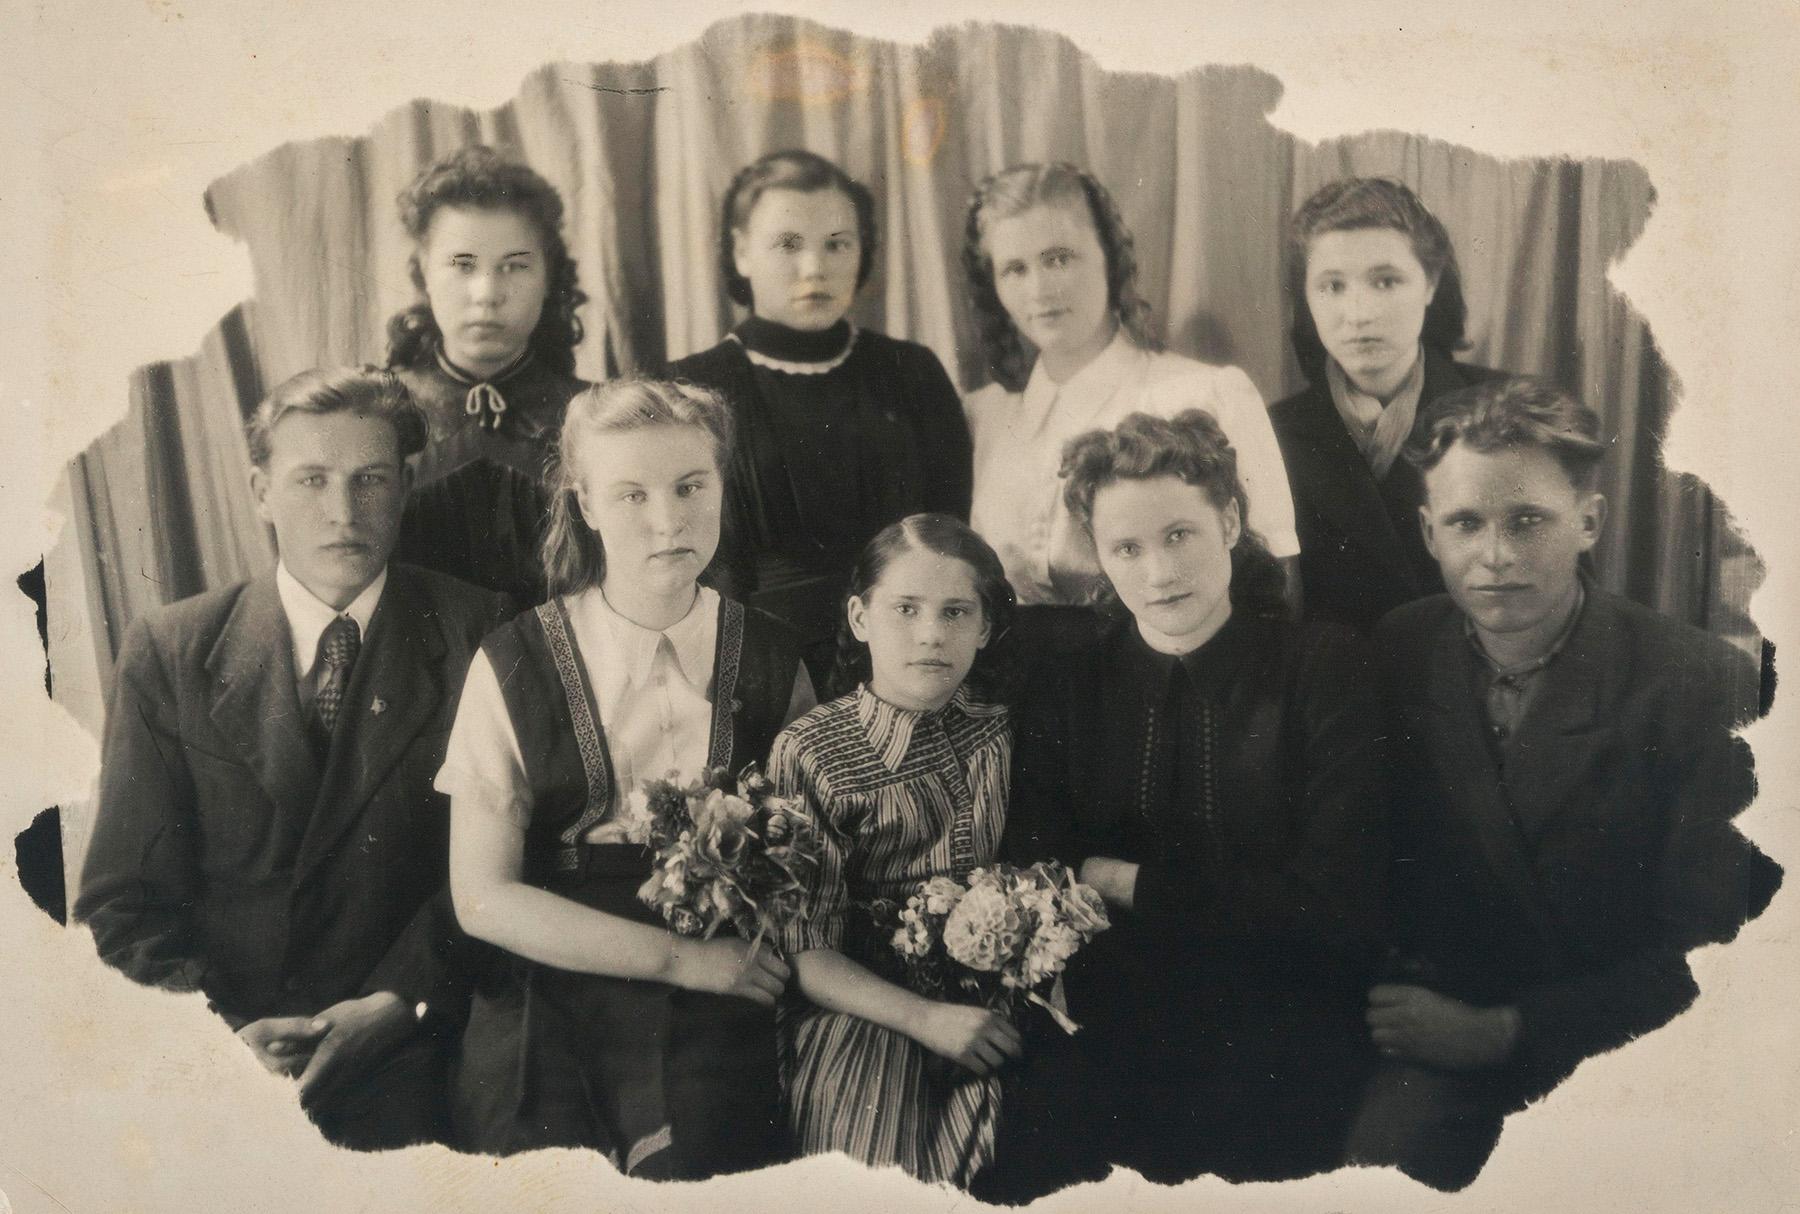 Iltakoulun 6. luokan luokkakuva, edessä keskellä Helmi Vatka. SKS KIA, Vatka-perheen arkisto. CC BY 4.0